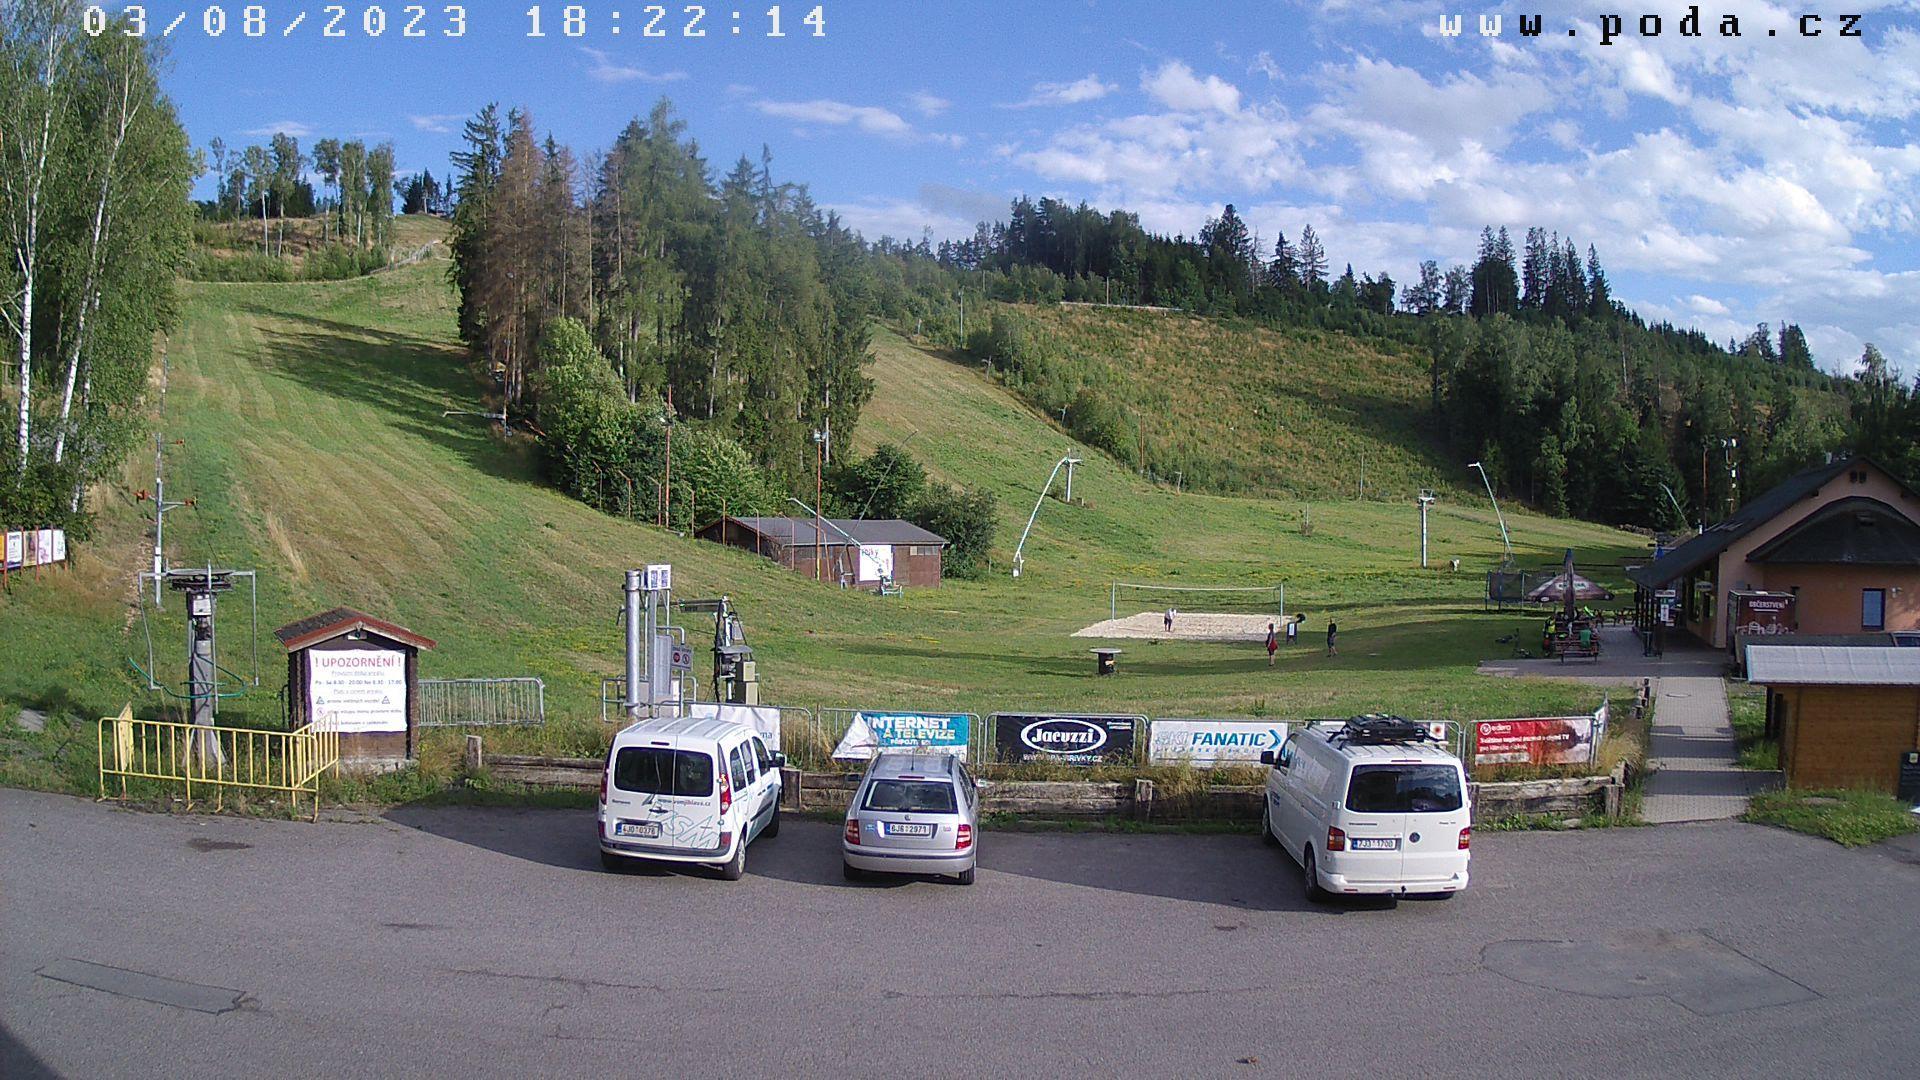 Kamera Ski klub Hlinsko